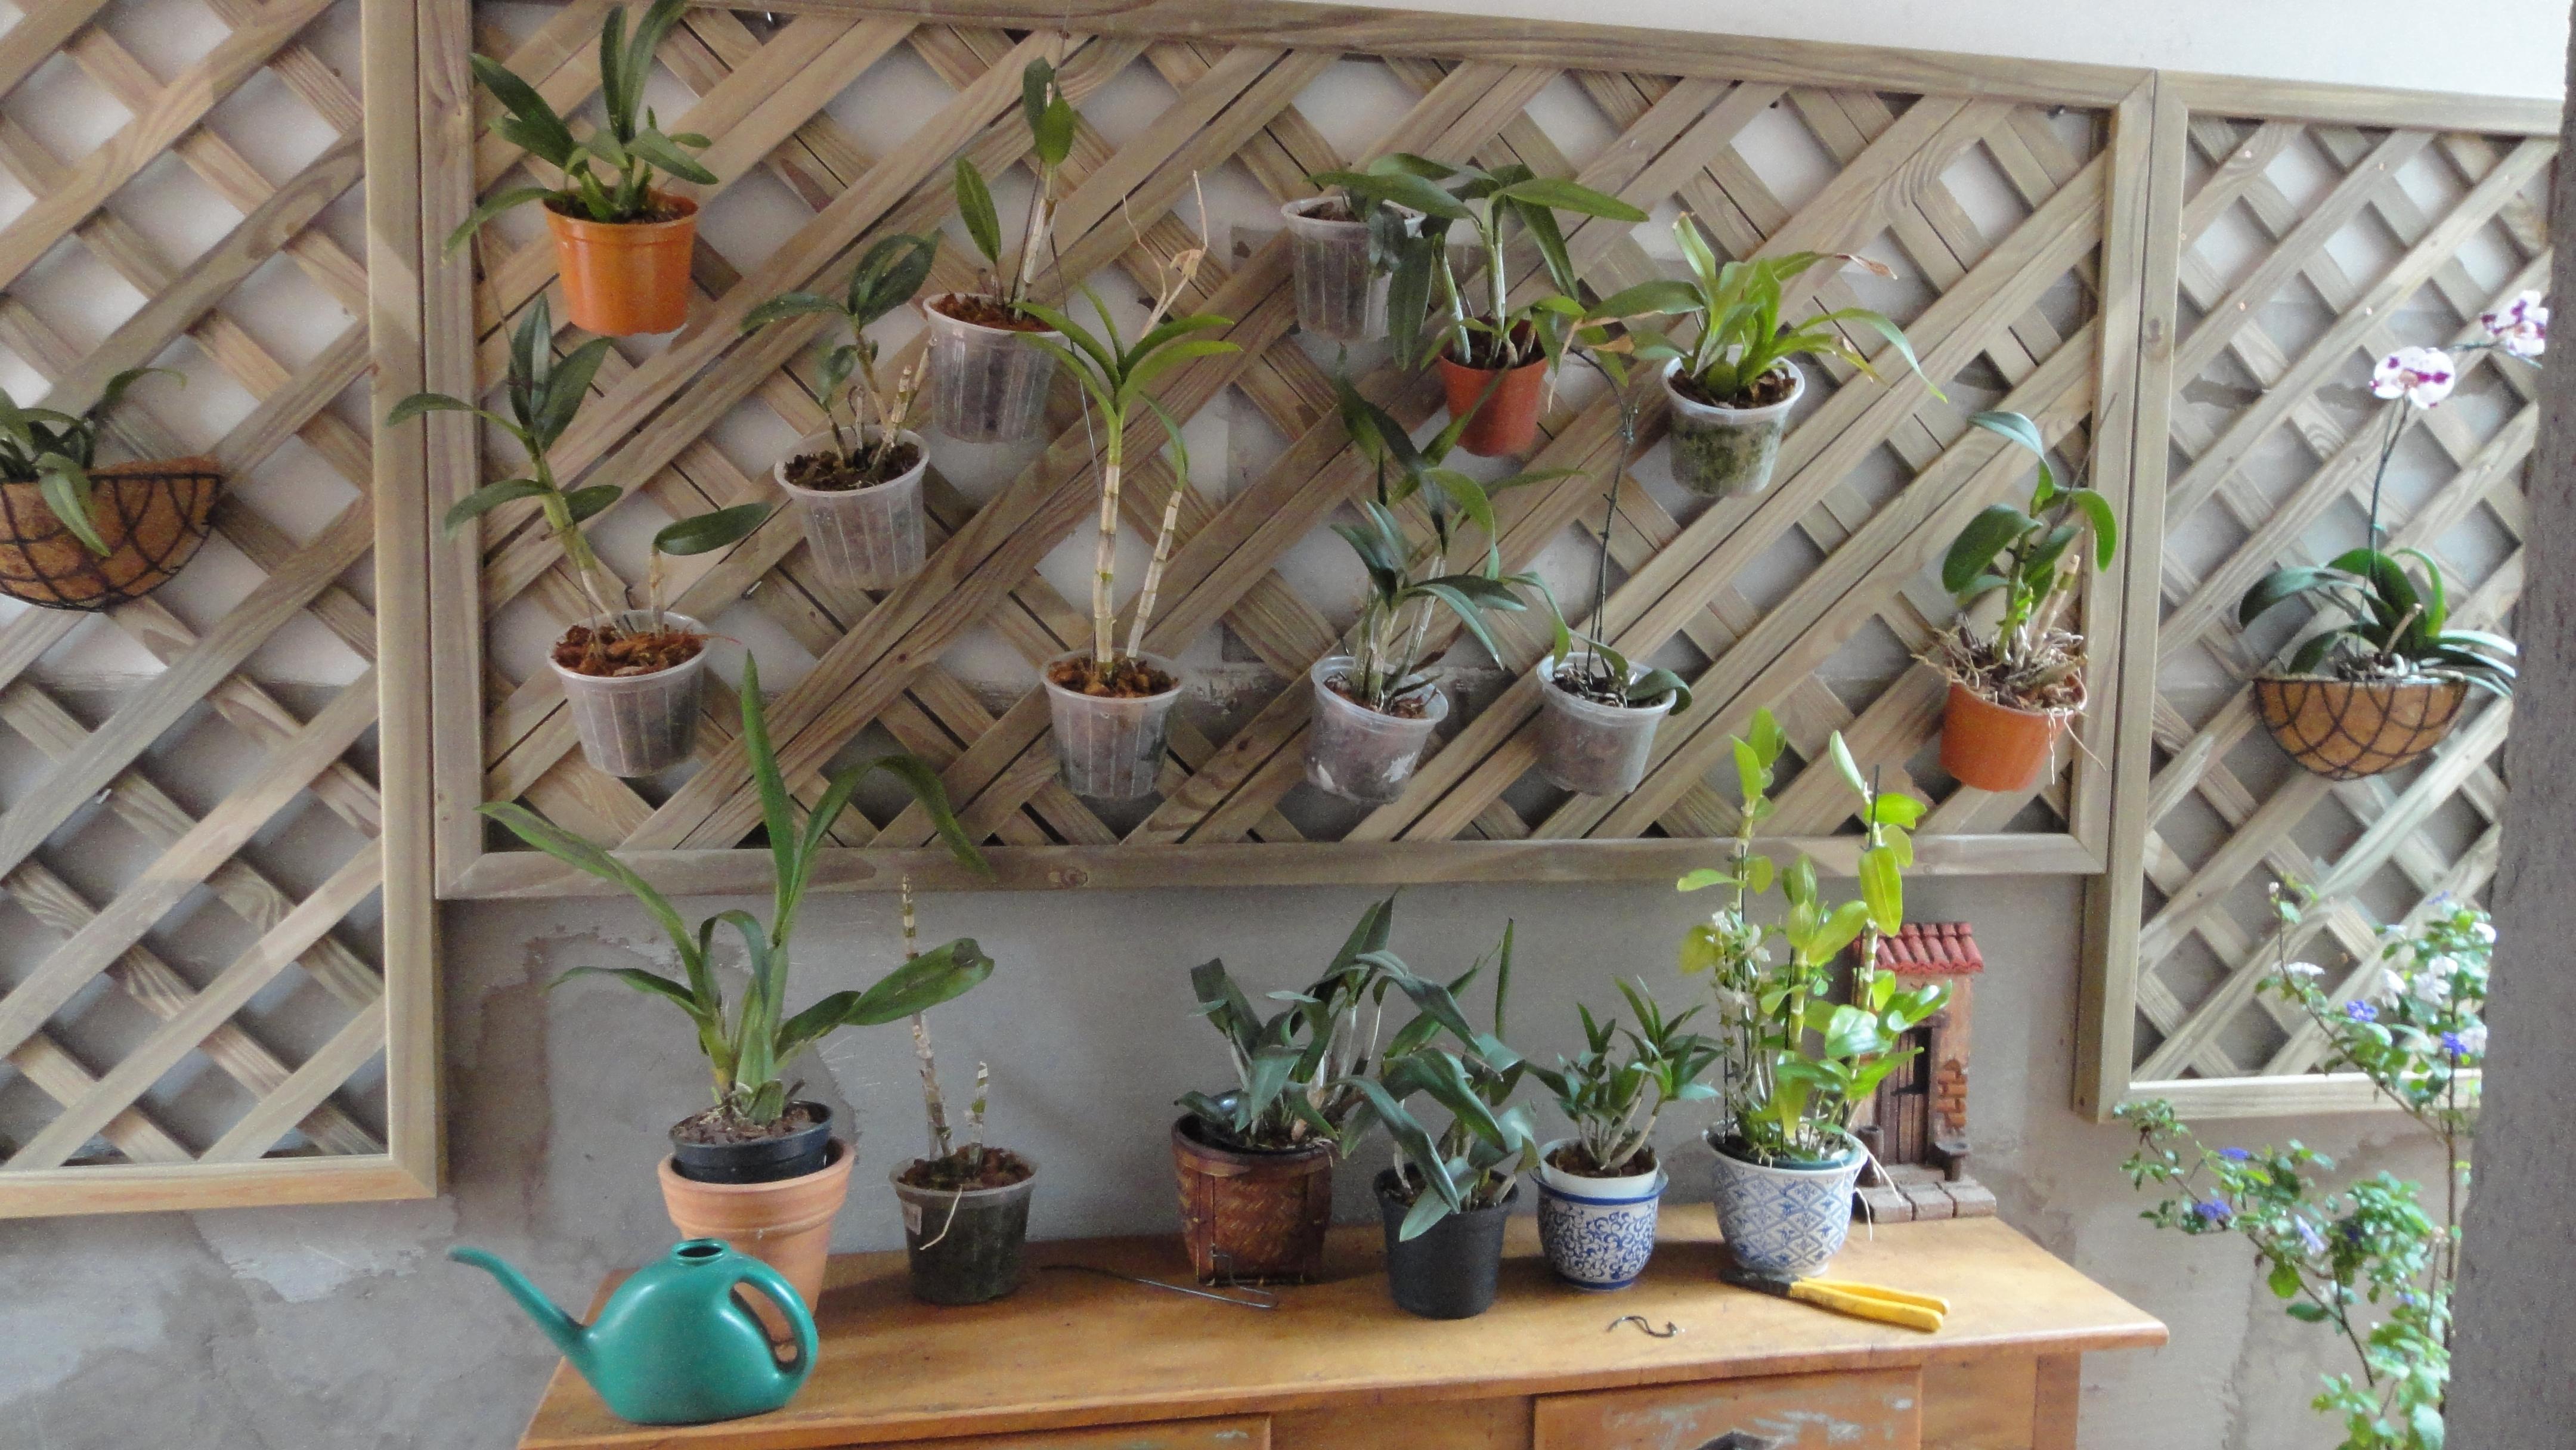 trelica jardim vertical:Treliça para pendurar placas